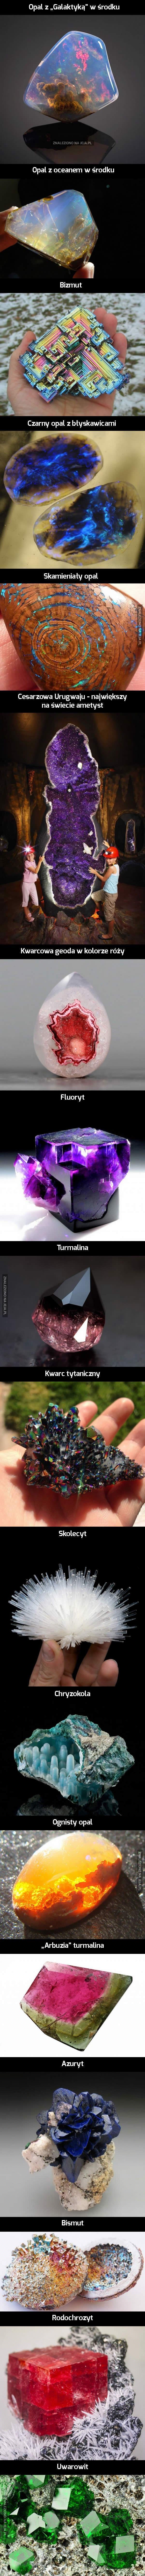 Najpiękniejsze minerały na ziemi